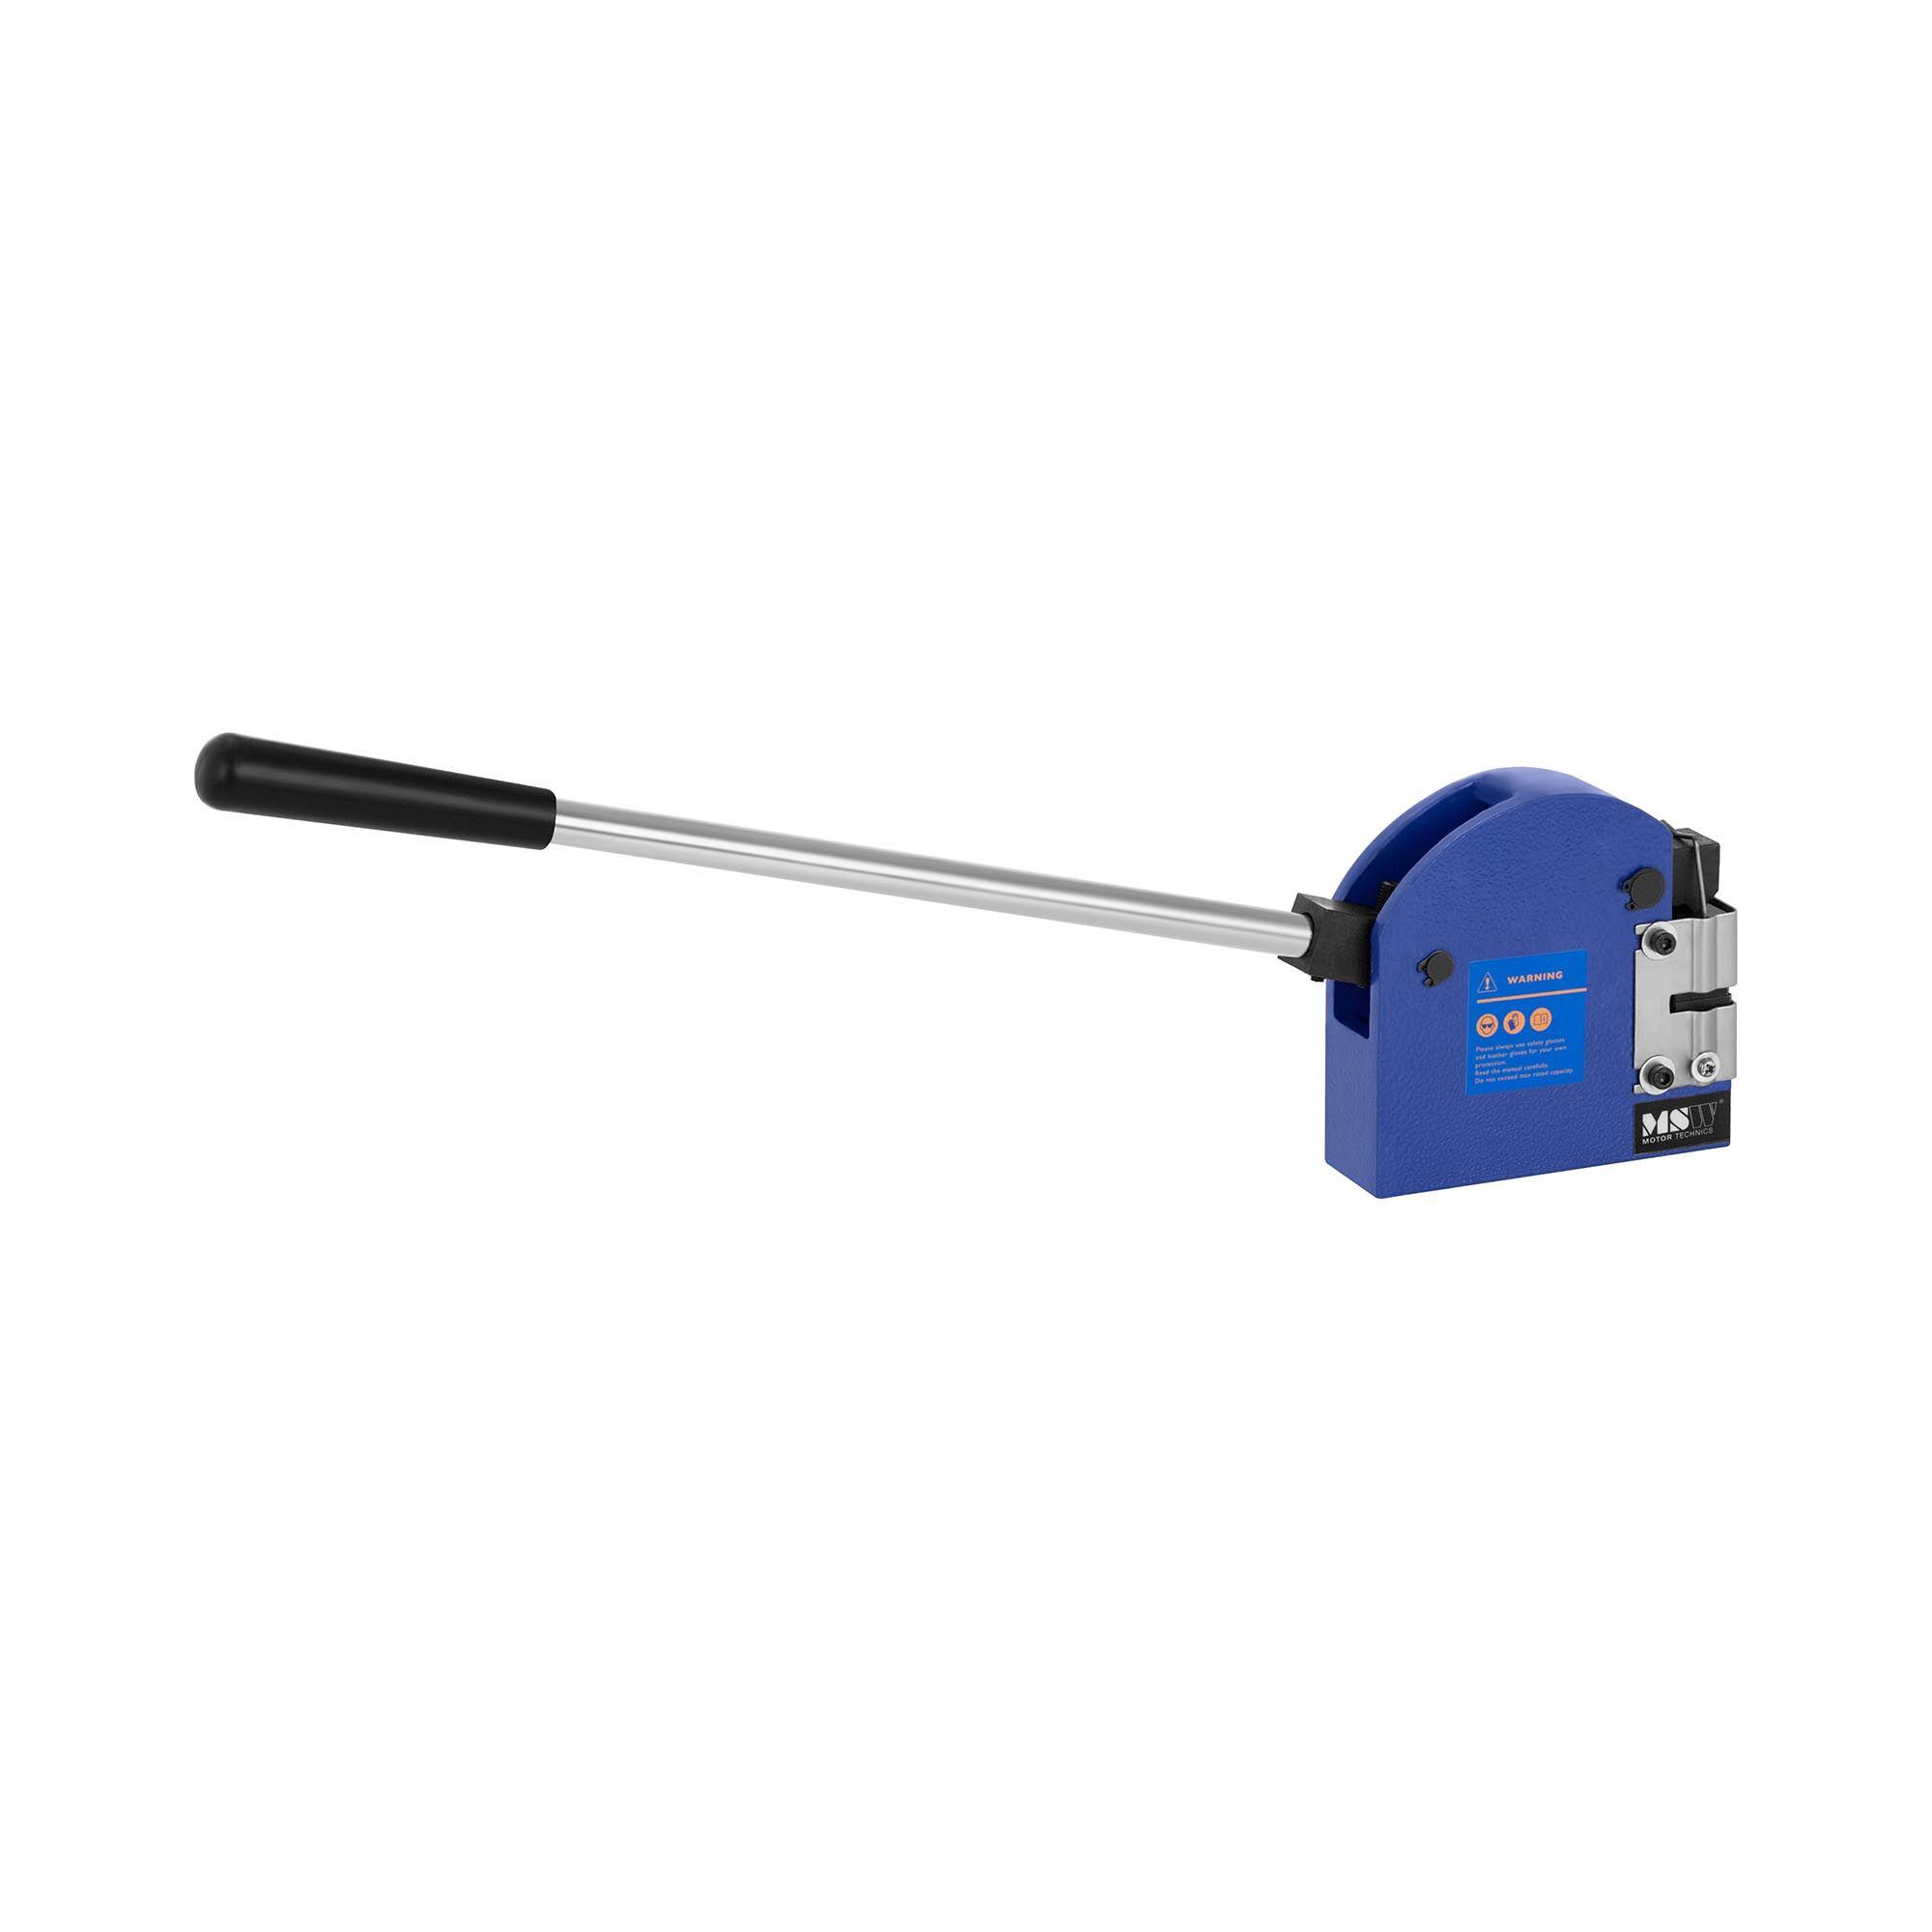 MSW Shrinker Stretcher Tool MSW-SAS18